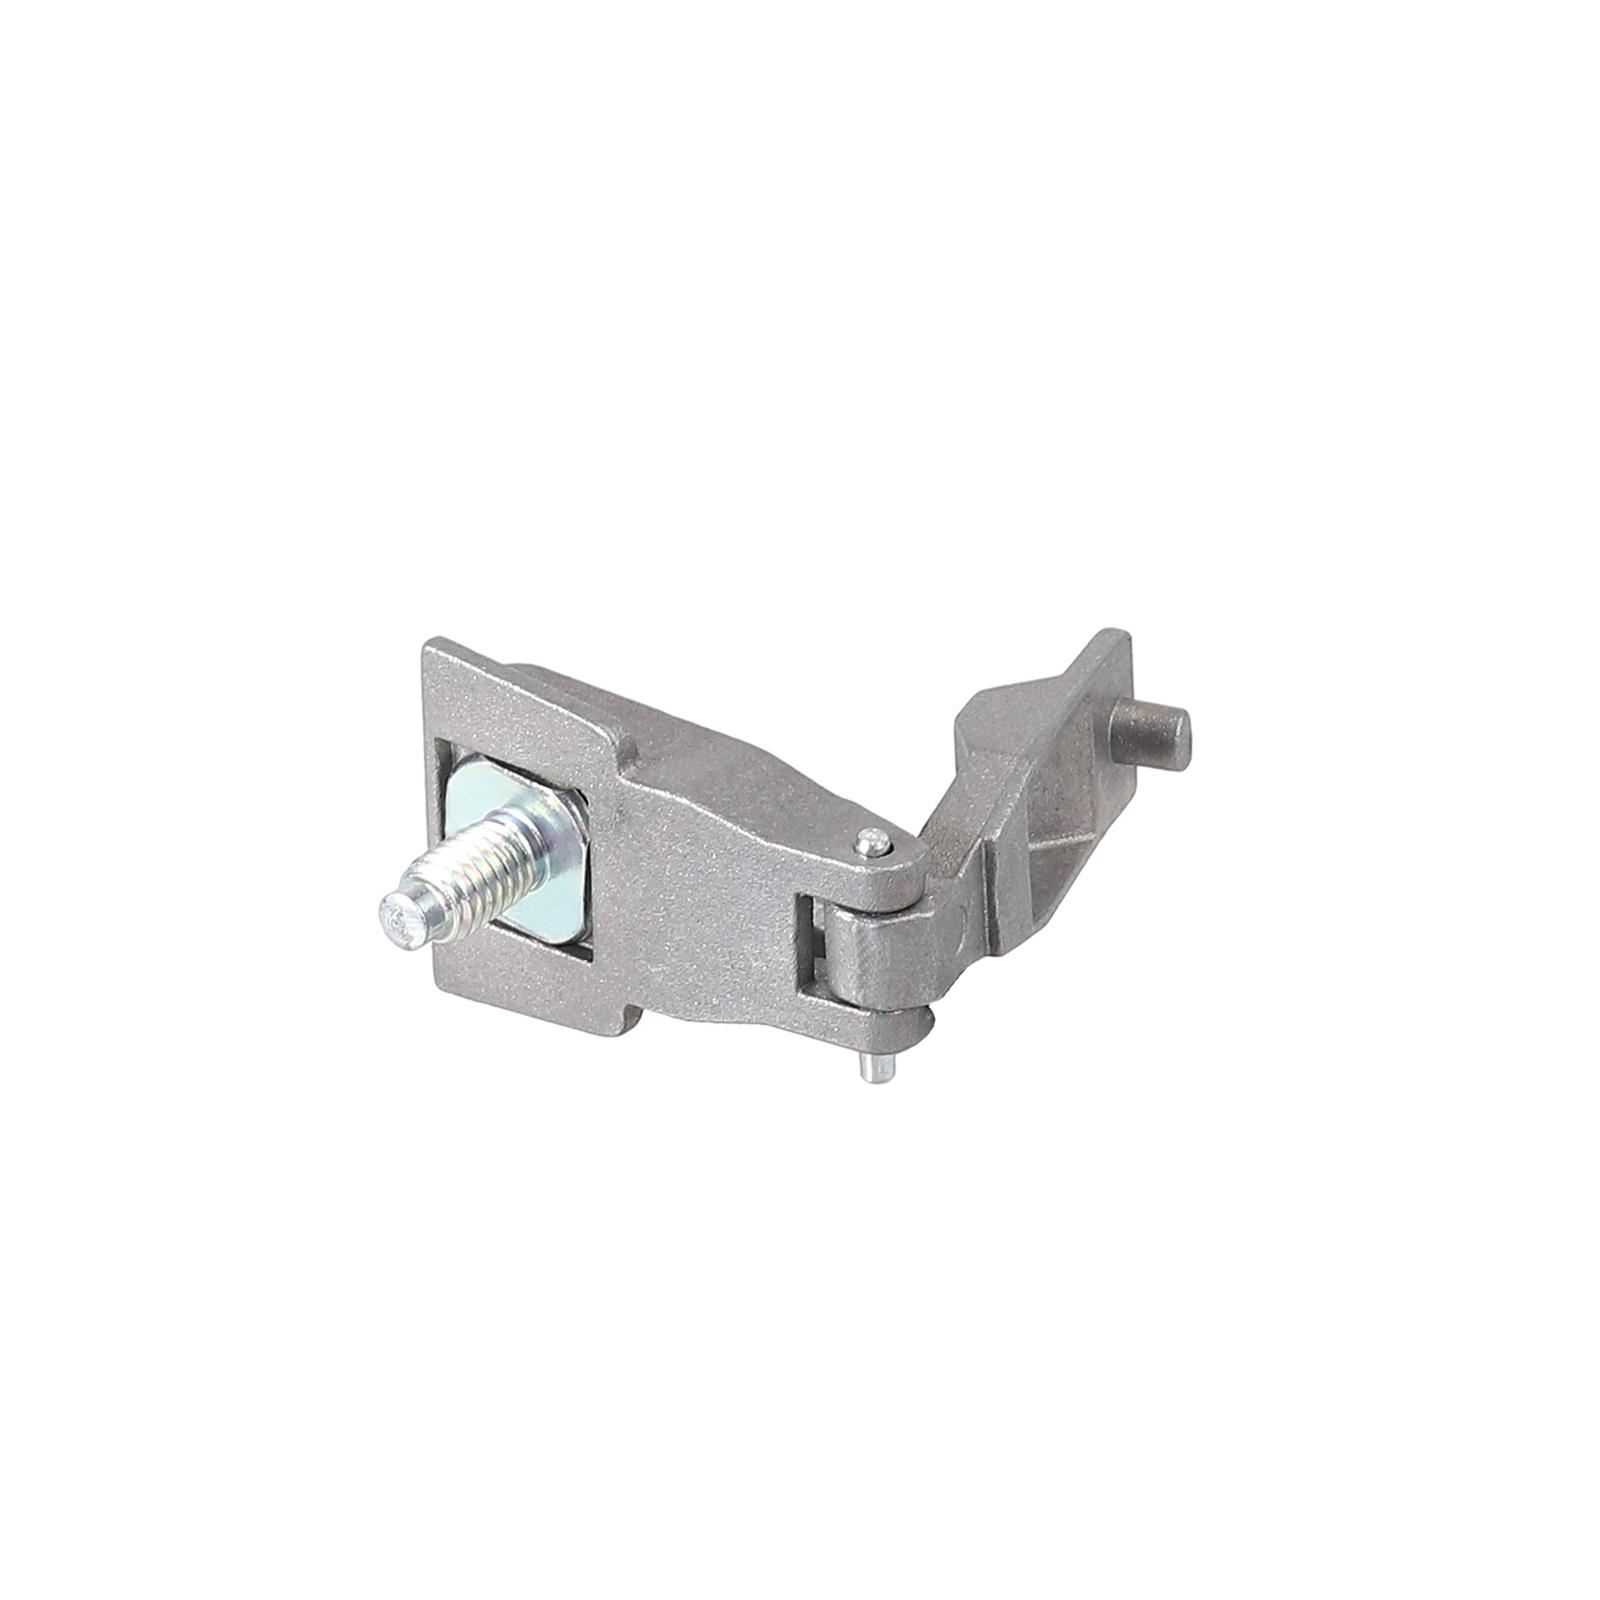 Homyl Digitaler Tacho Sensor Kabel Motorrad-Geschwindigkeitsmesser-Tachometer mit Magnet F/ür Motorrad